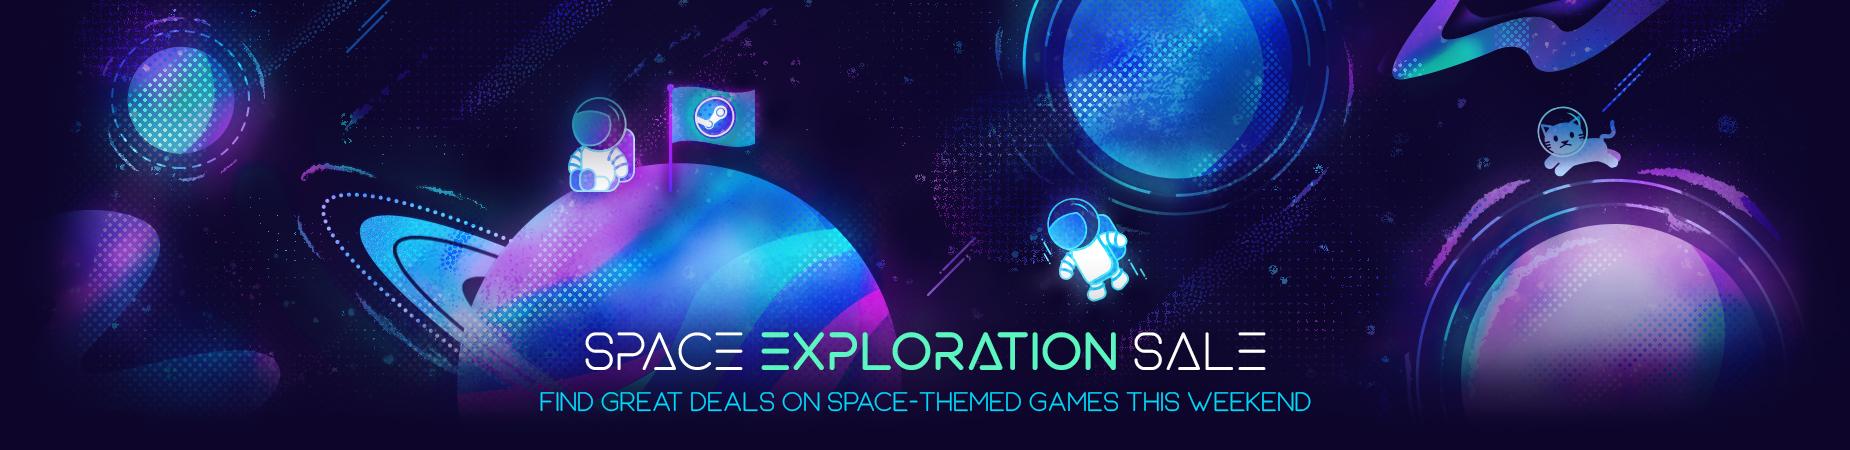 Space Exploration Sale